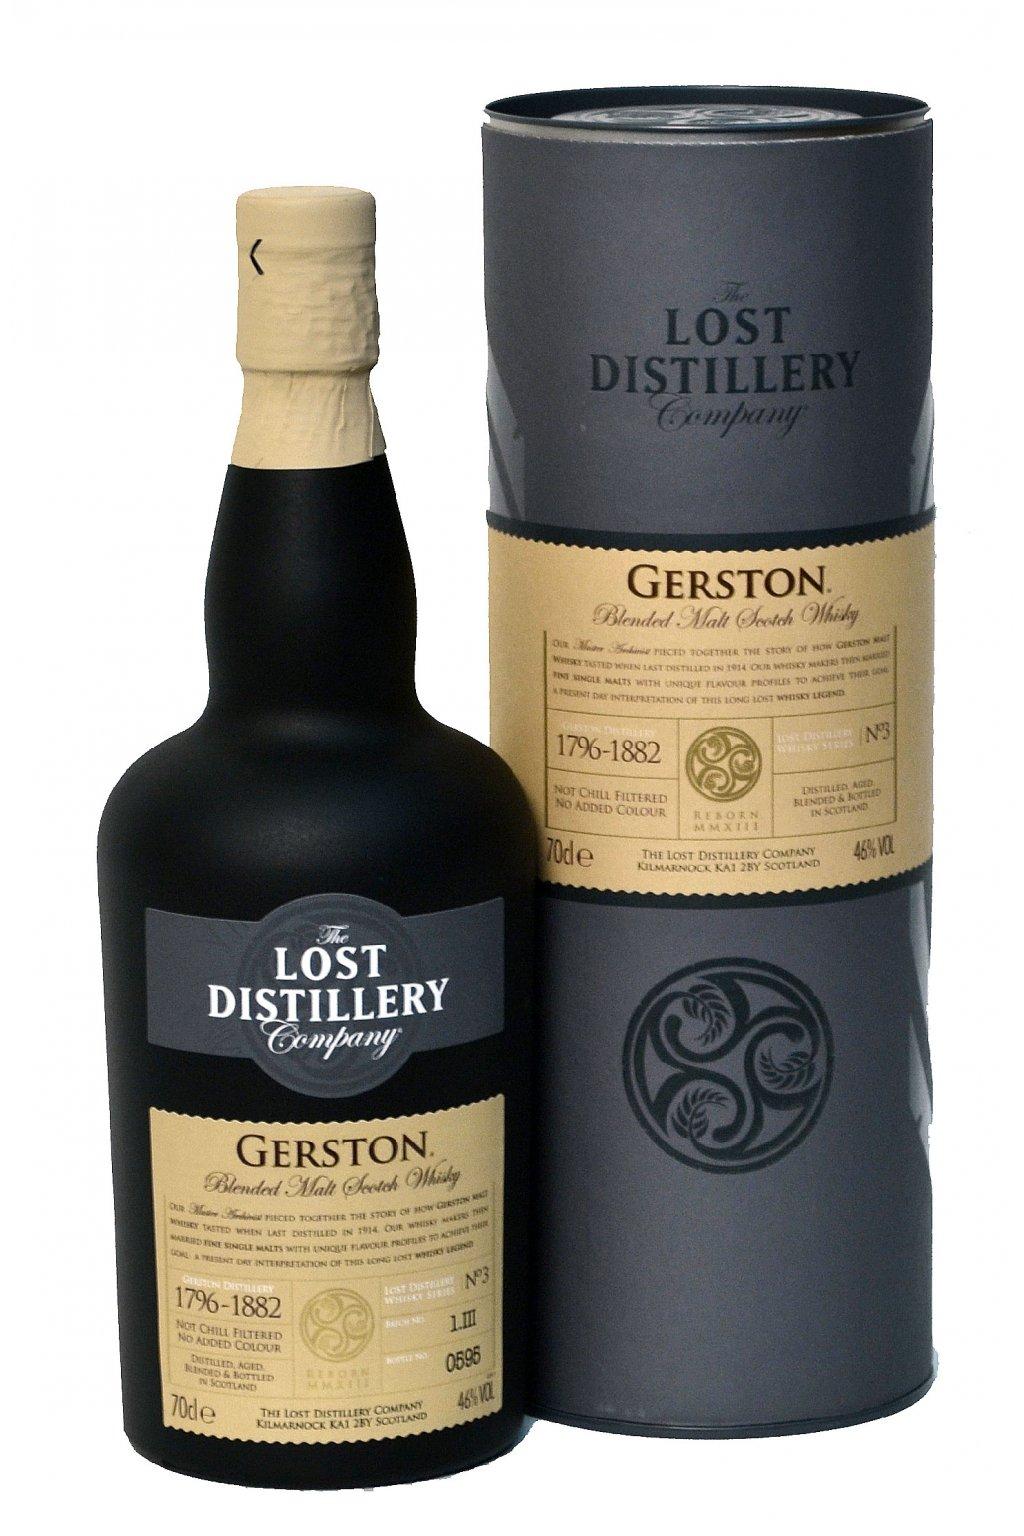 The Lost Distillery Gerston